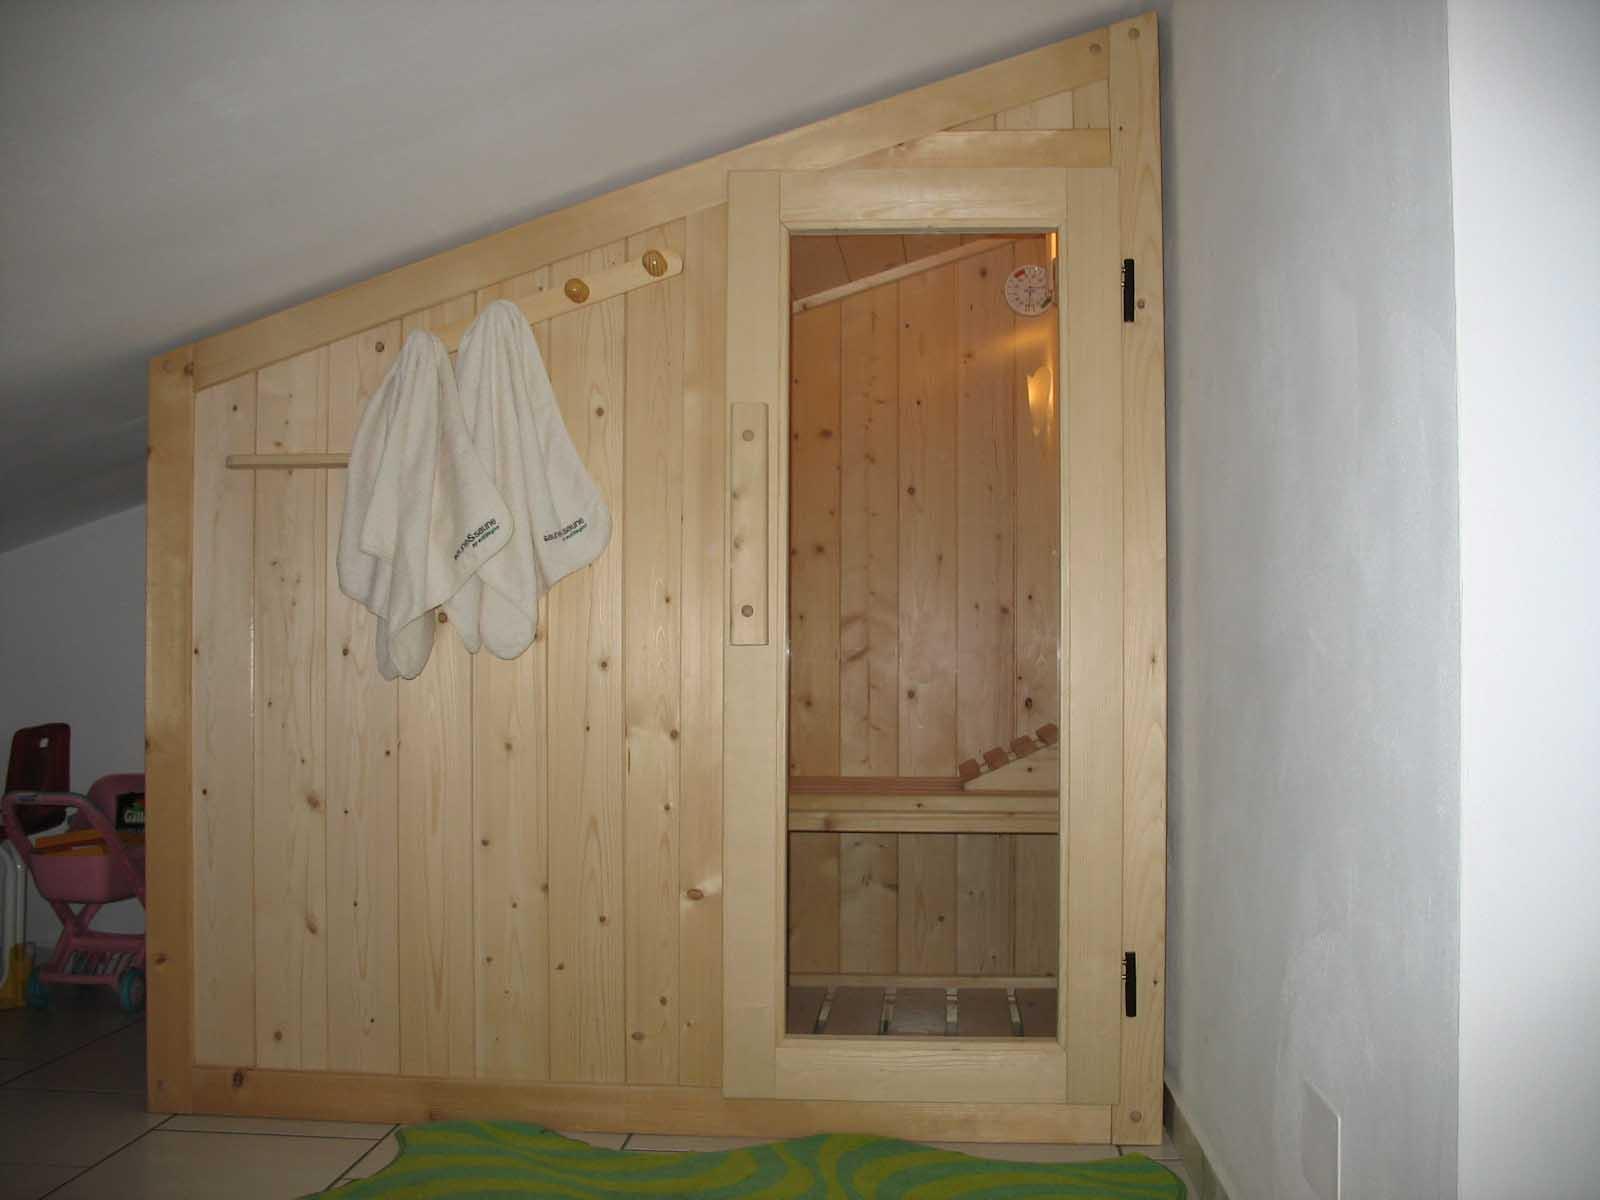 Modelli sauna finlandese e sauna con bagno turco hammam in - Costo sauna in casa ...